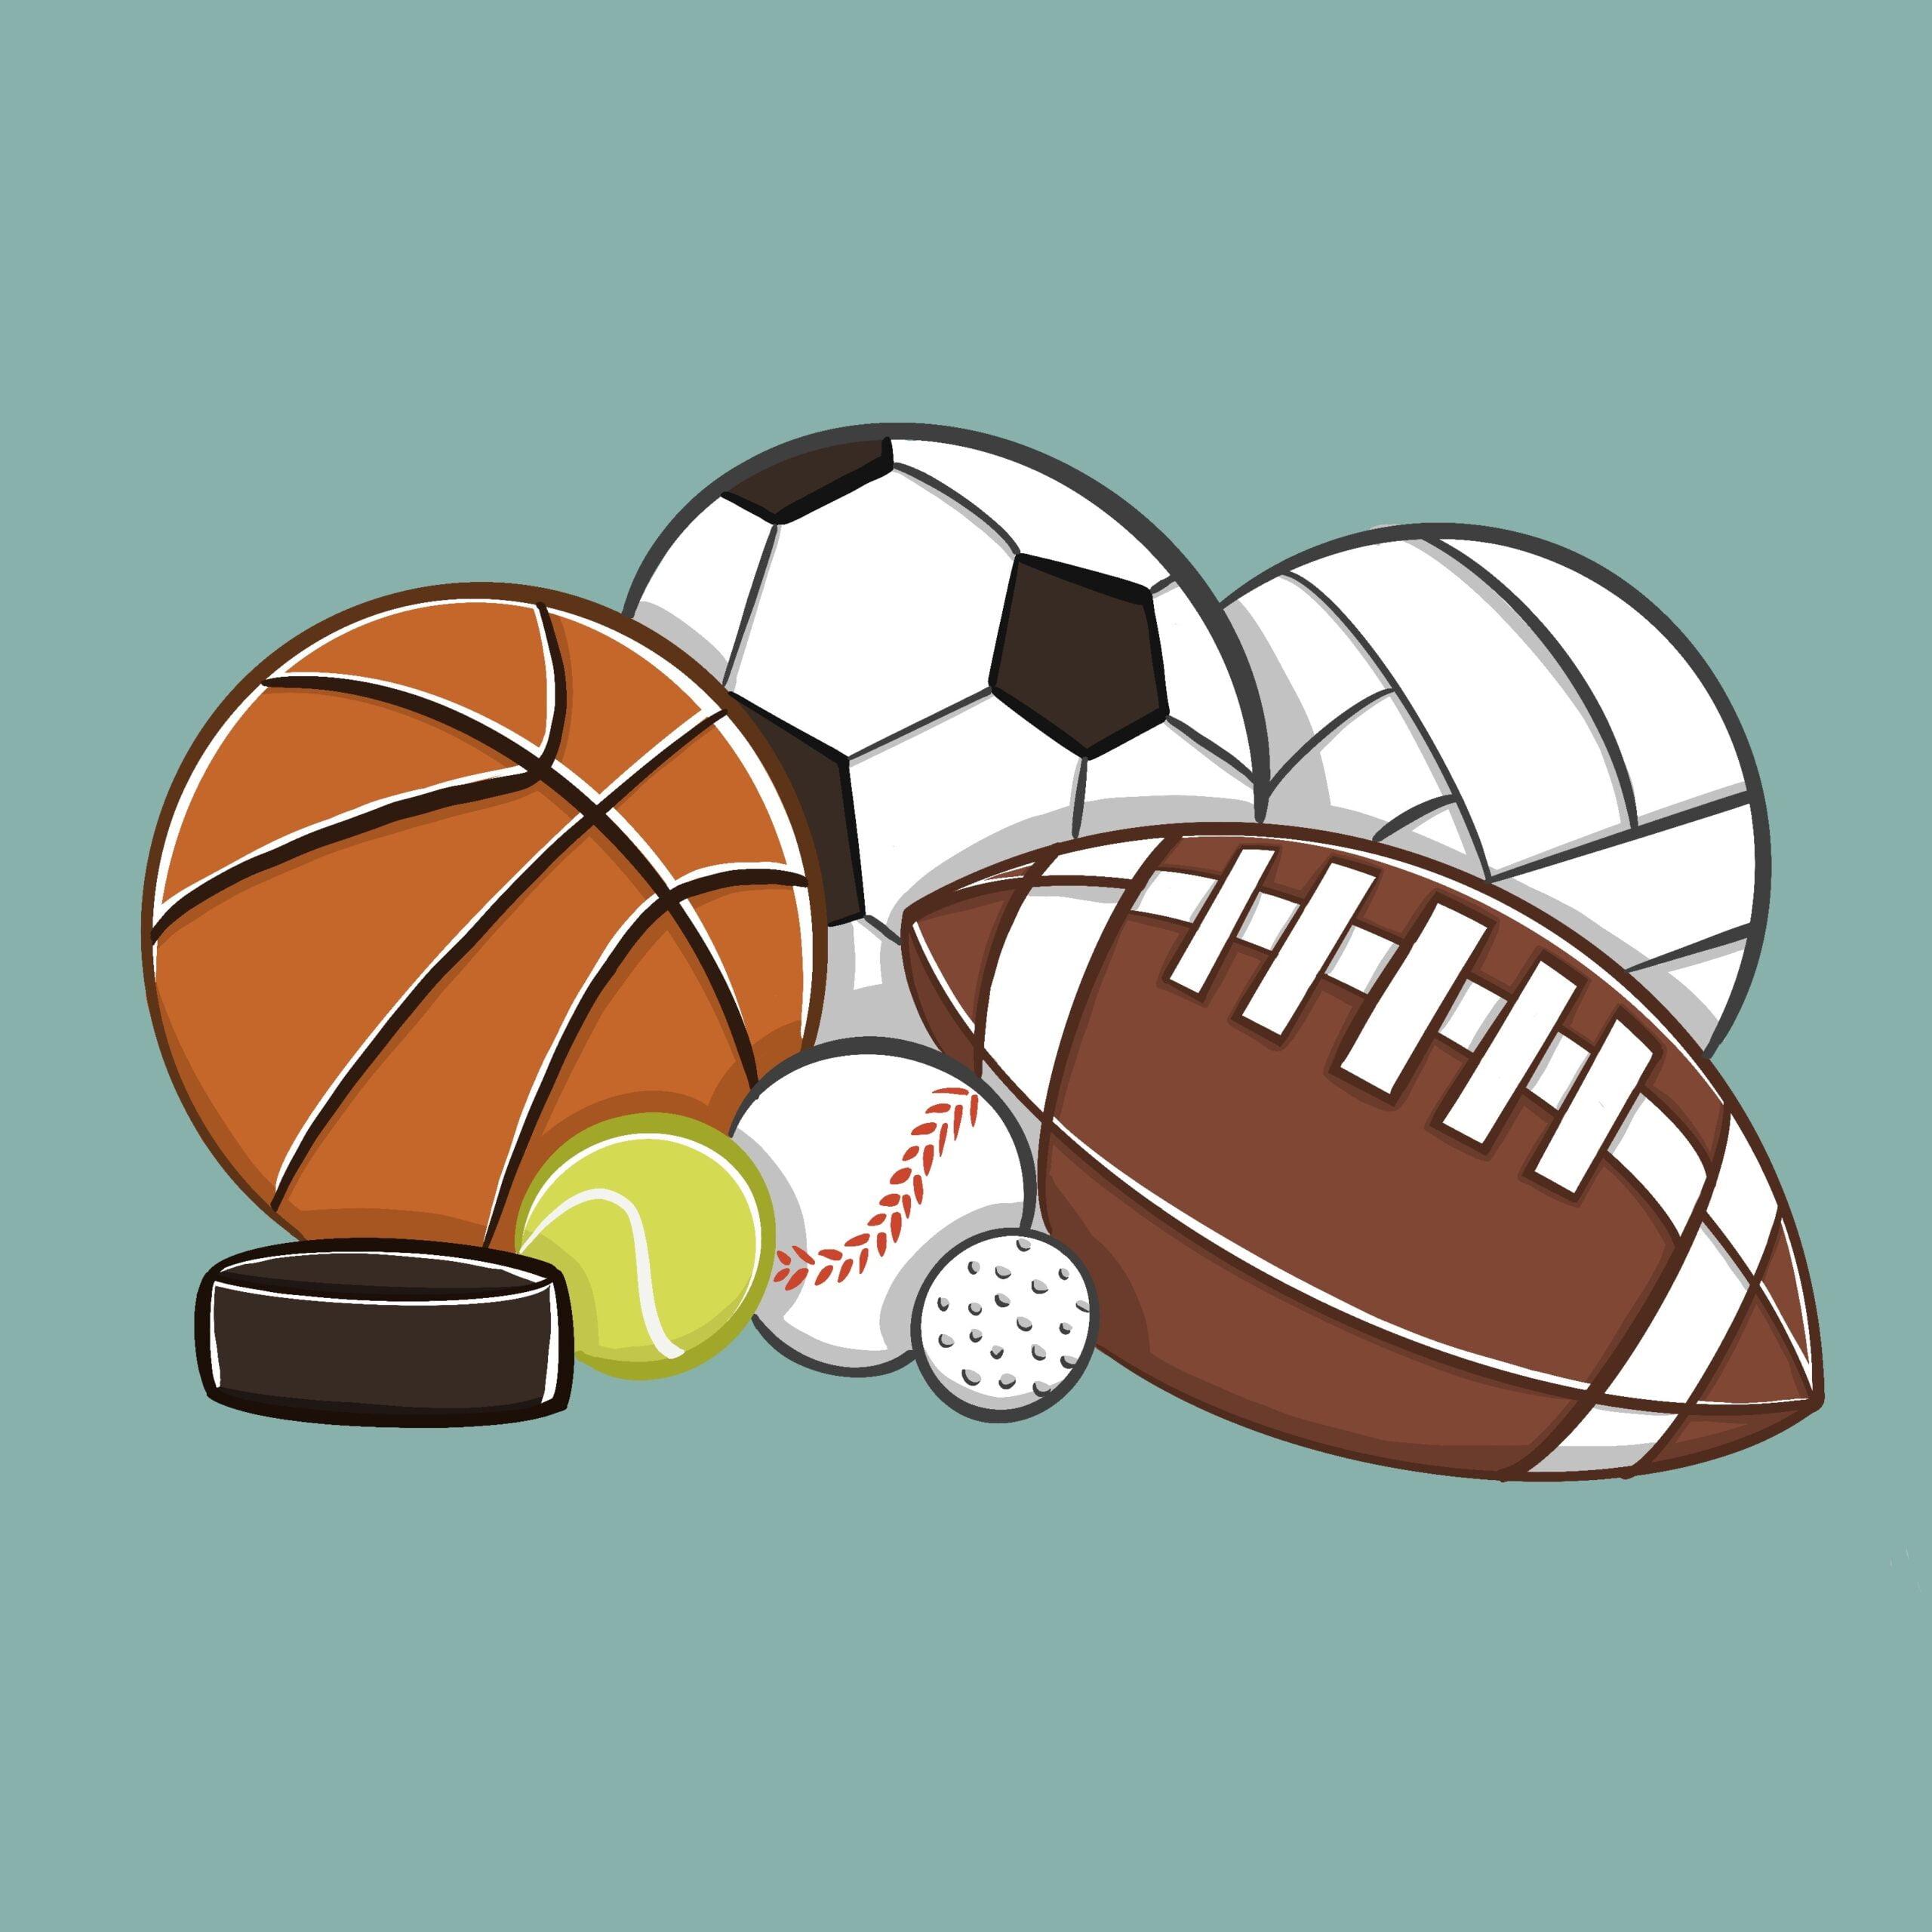 Sports by Allison Christensen for 360 Magazine